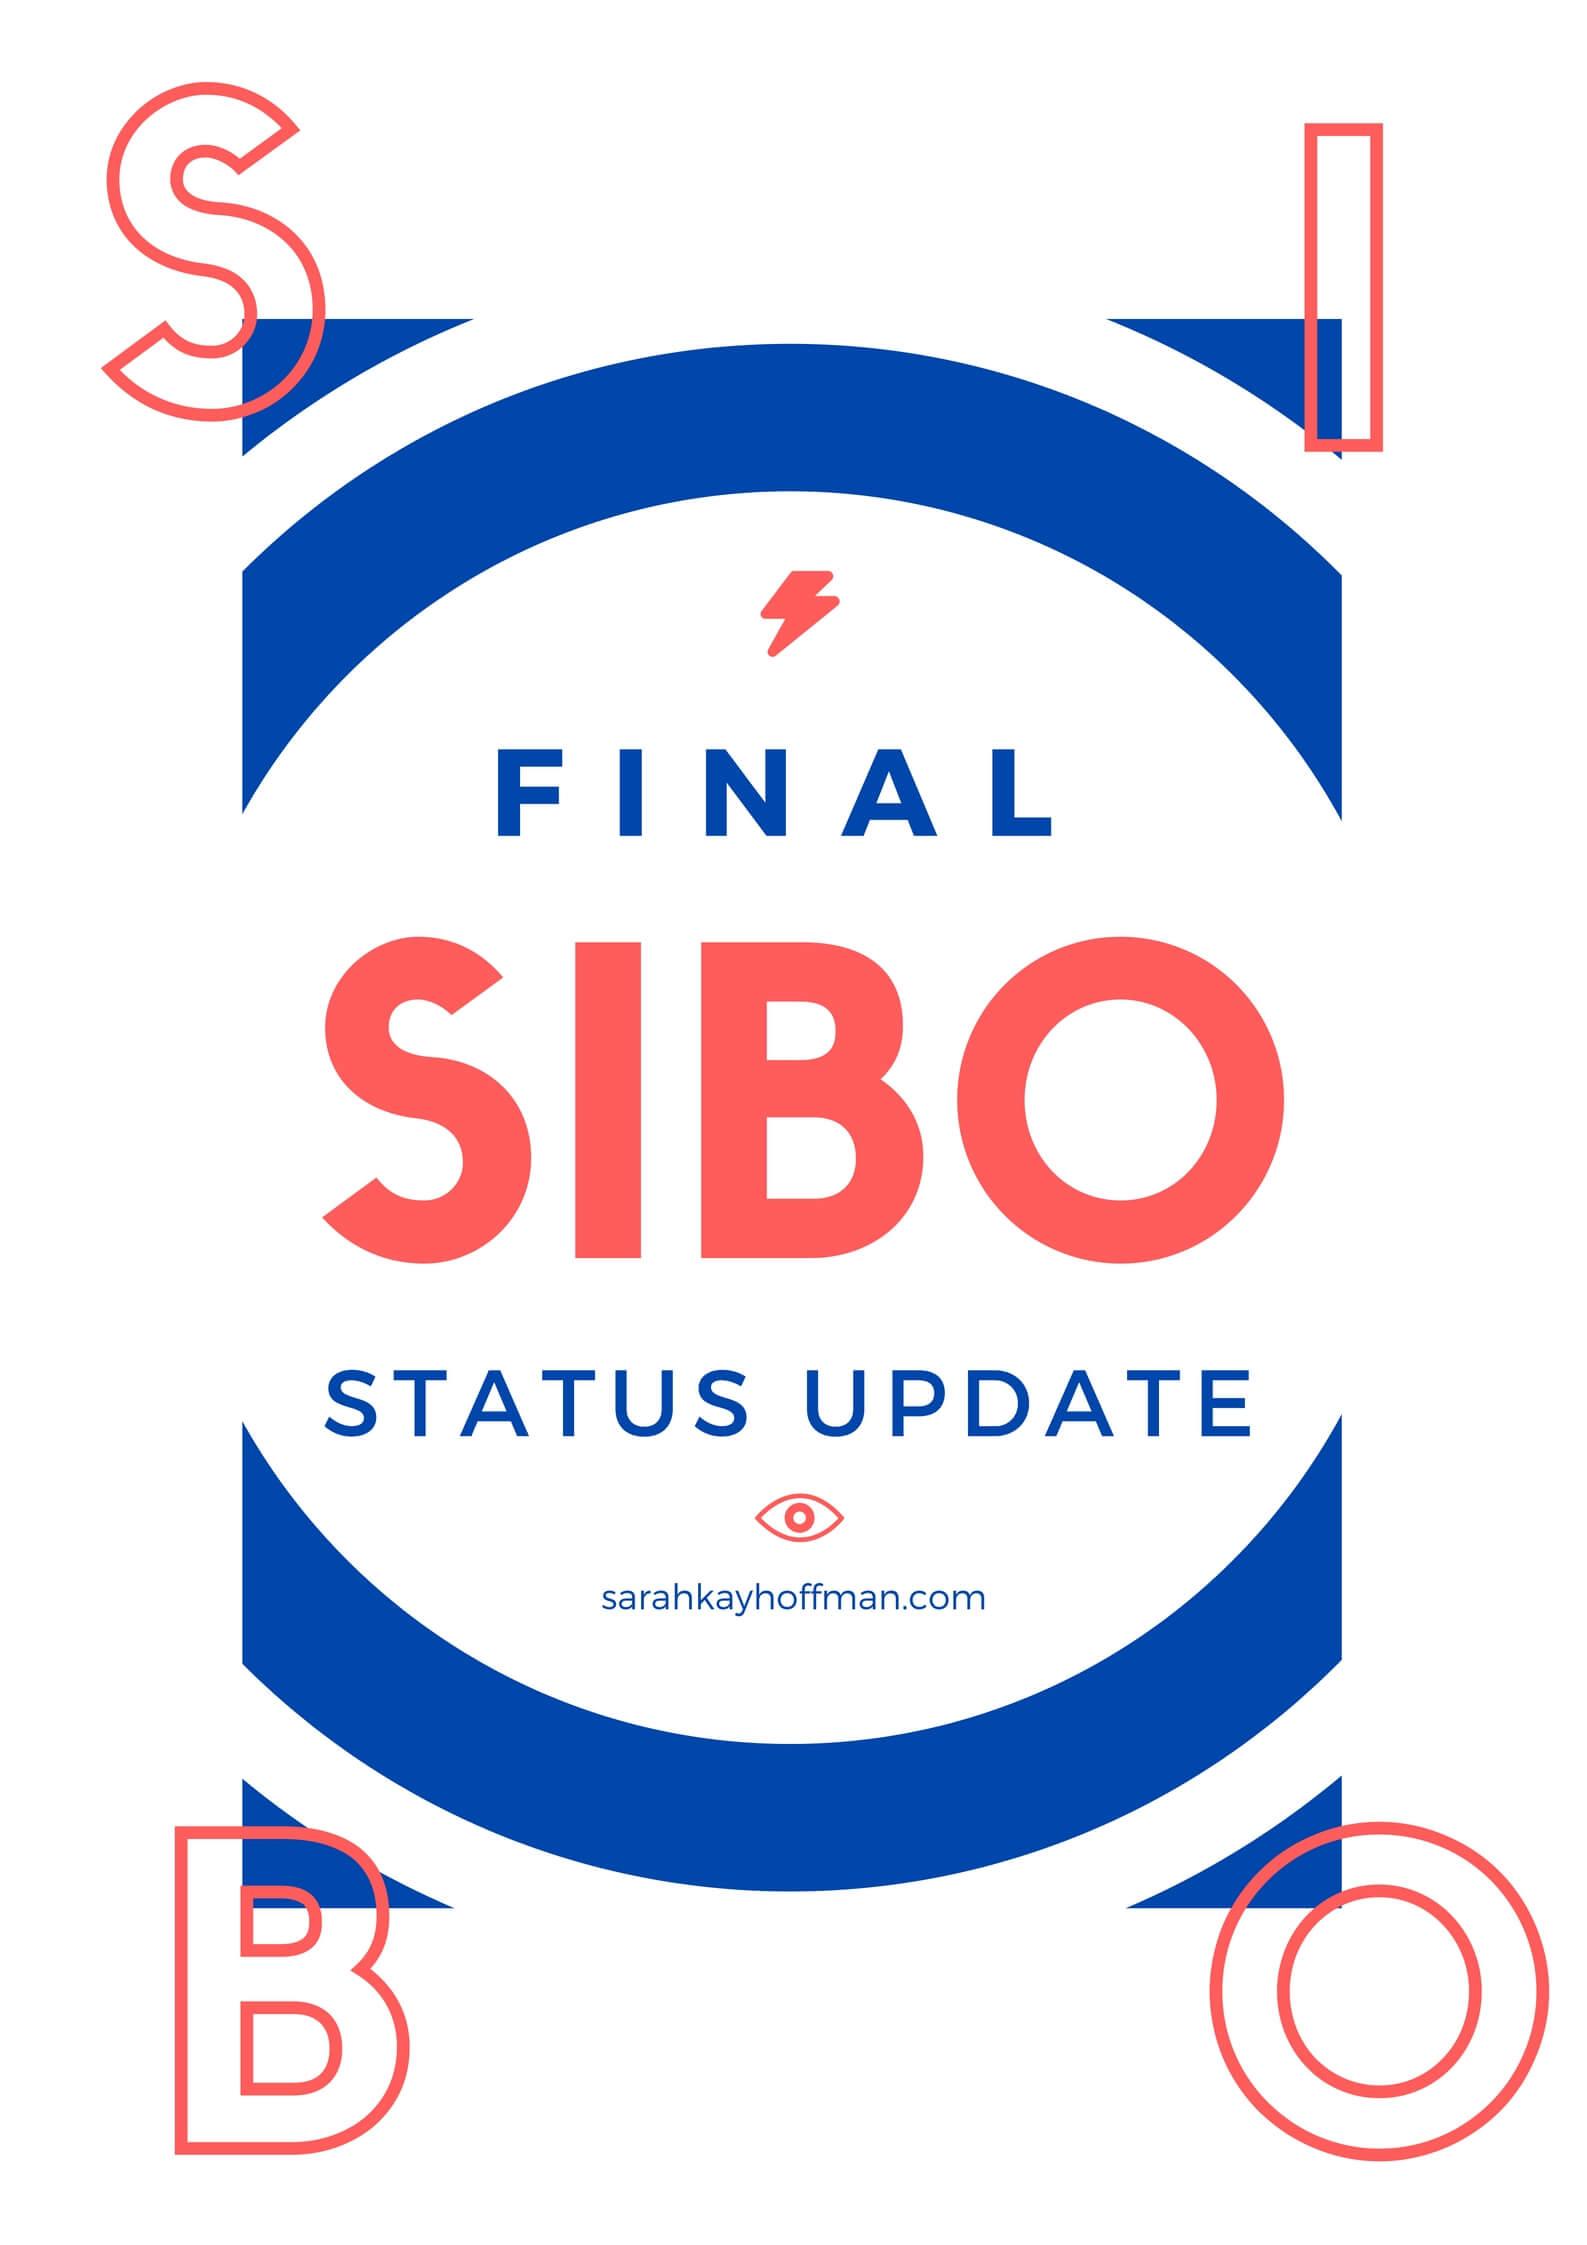 SIBO Status Update via sarahkayhoffman.com